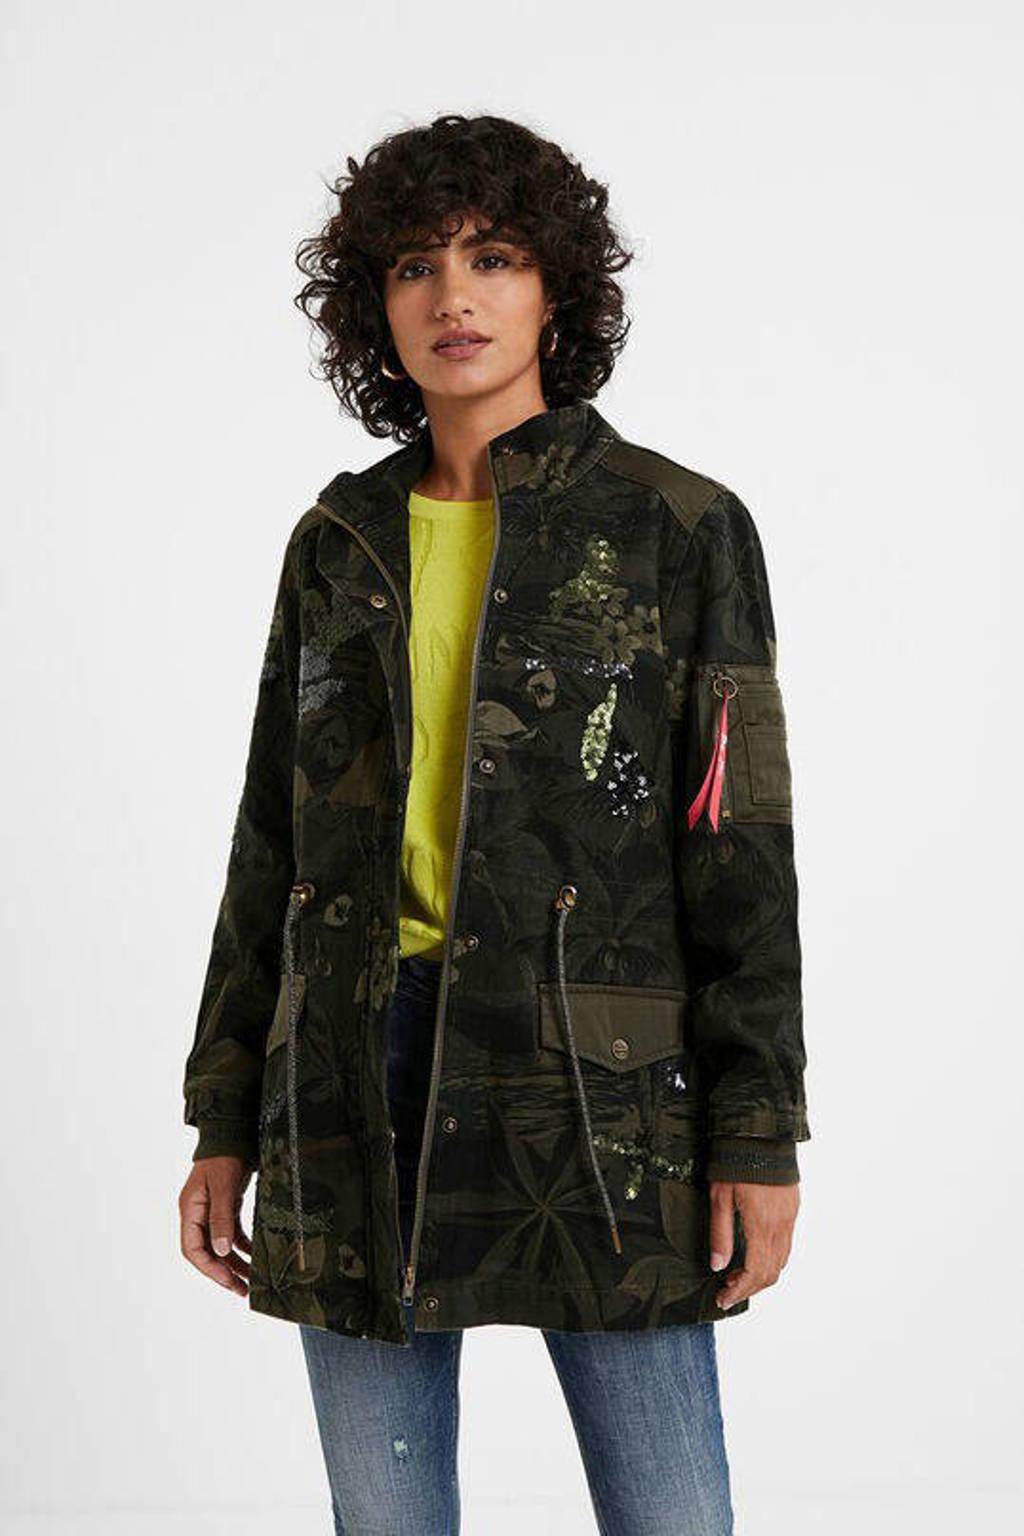 Desigual jasje met all over print en pailletten kaki/zwart/paars, Kaki/zwart/paars